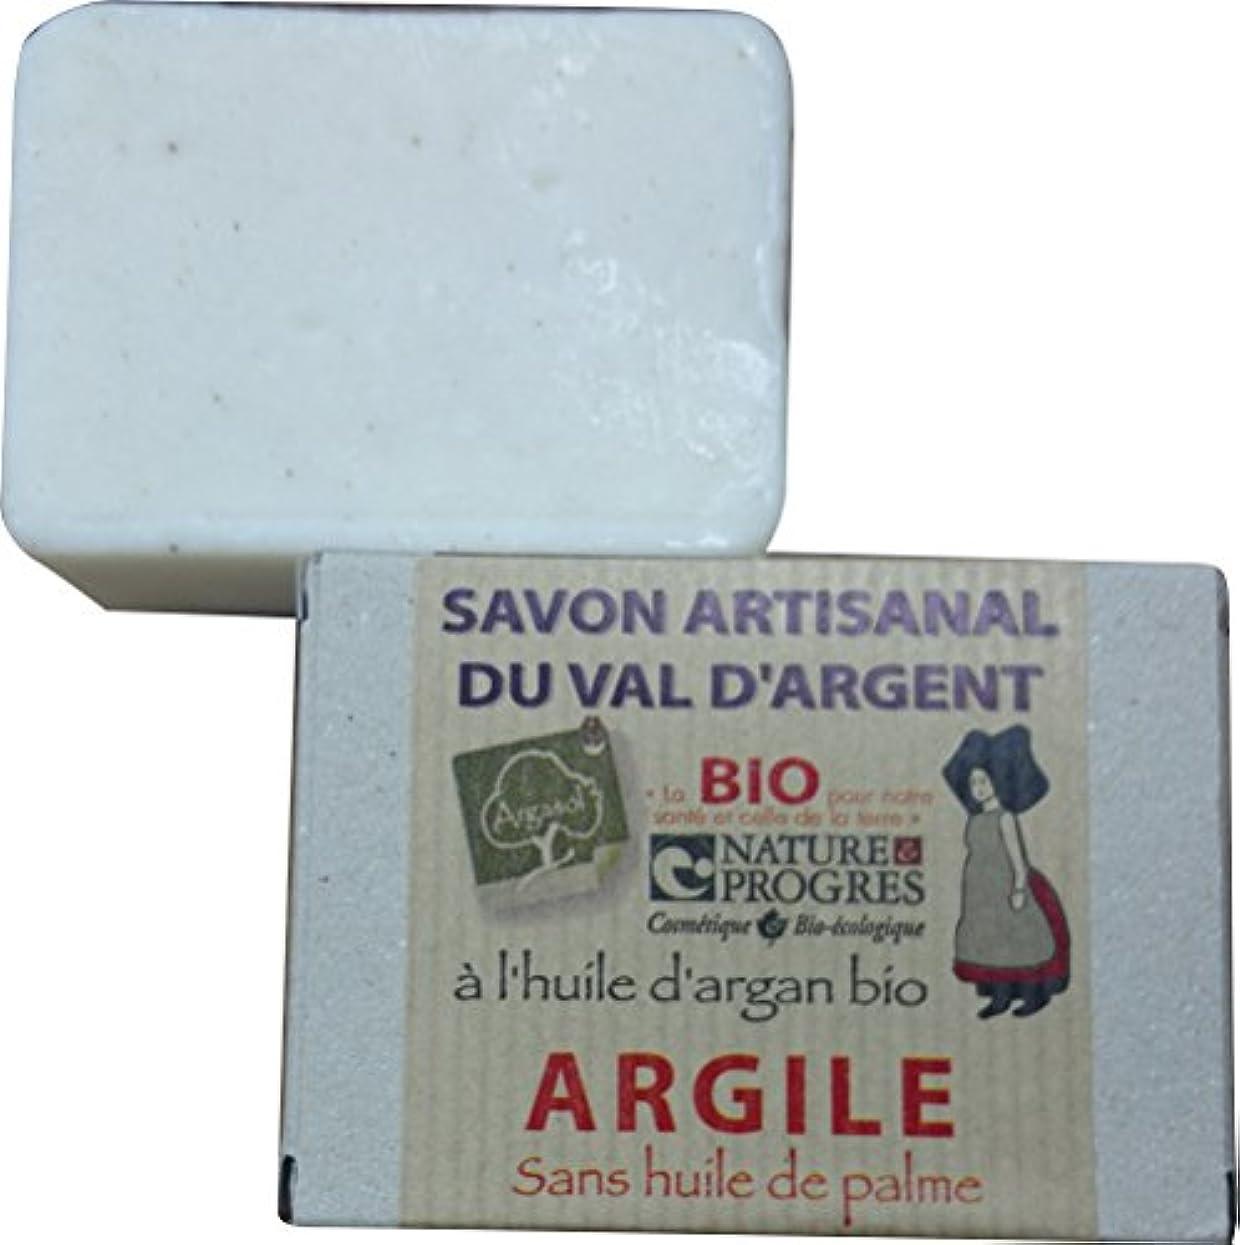 専制振動する経験的サボン アルガソル(SAVON ARGASOL) クレイ